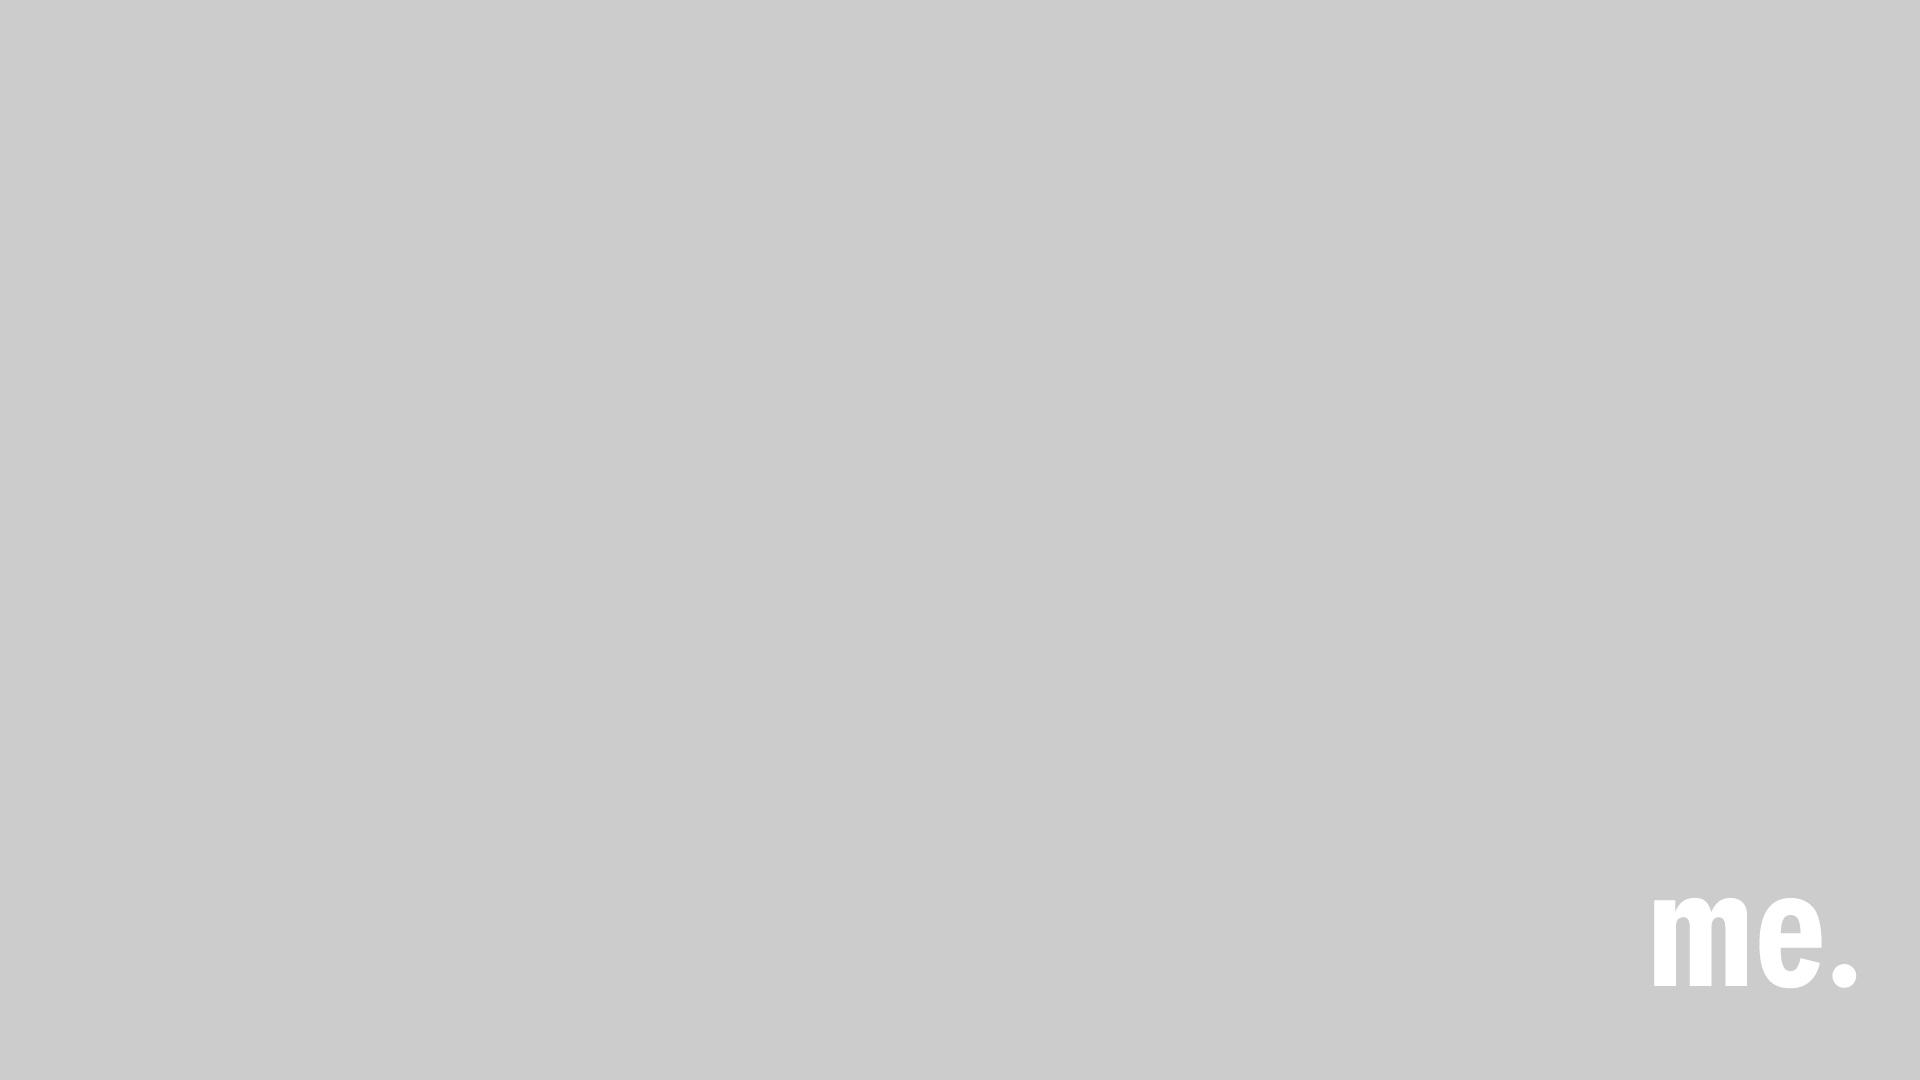 Ab sofort zeigt  Giorgio Armani auf Mailänder Modewoche keinen Pelz mehr